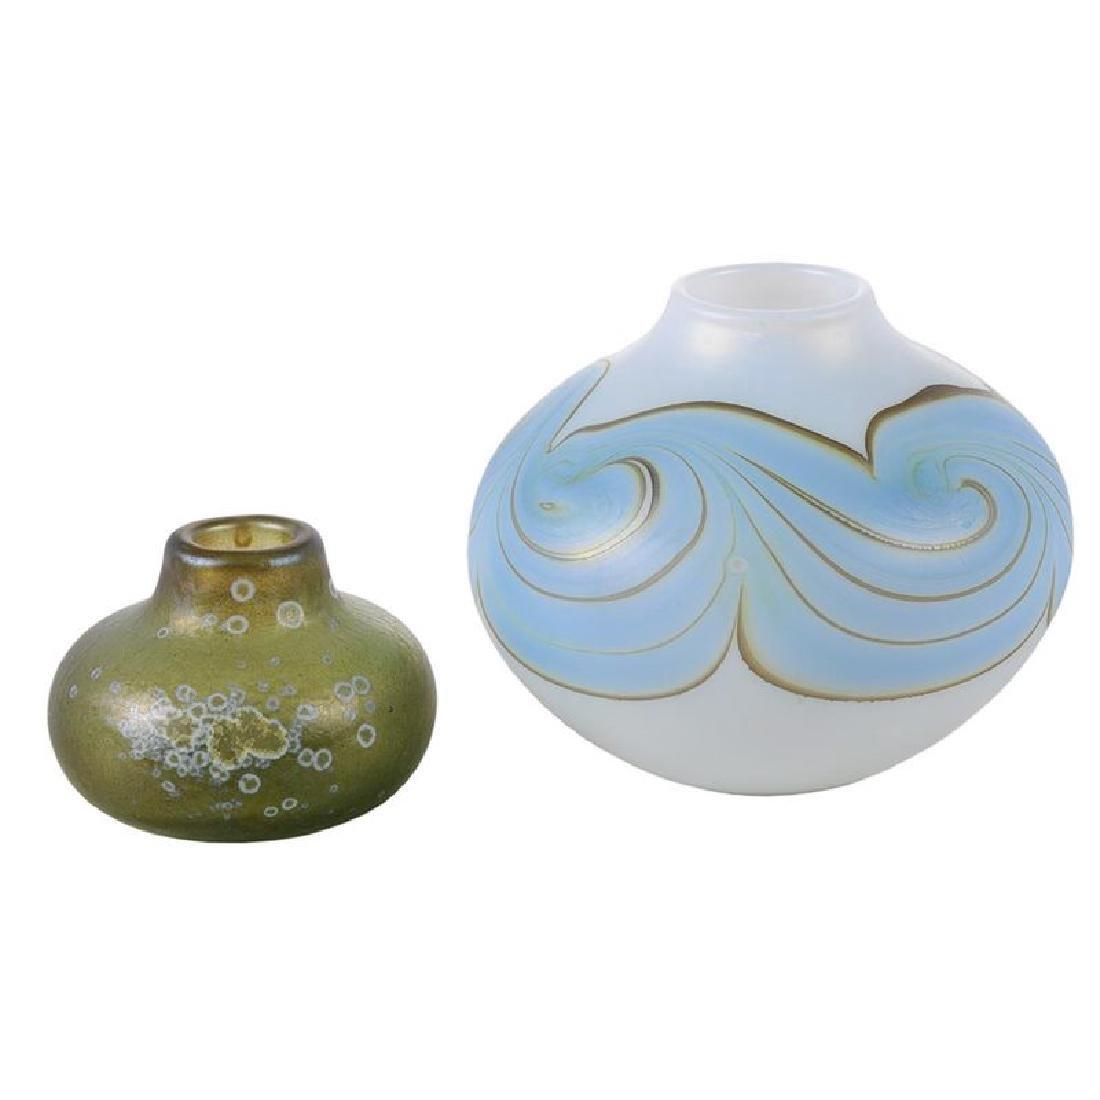 Two Mark Peiser Art Glass Vases